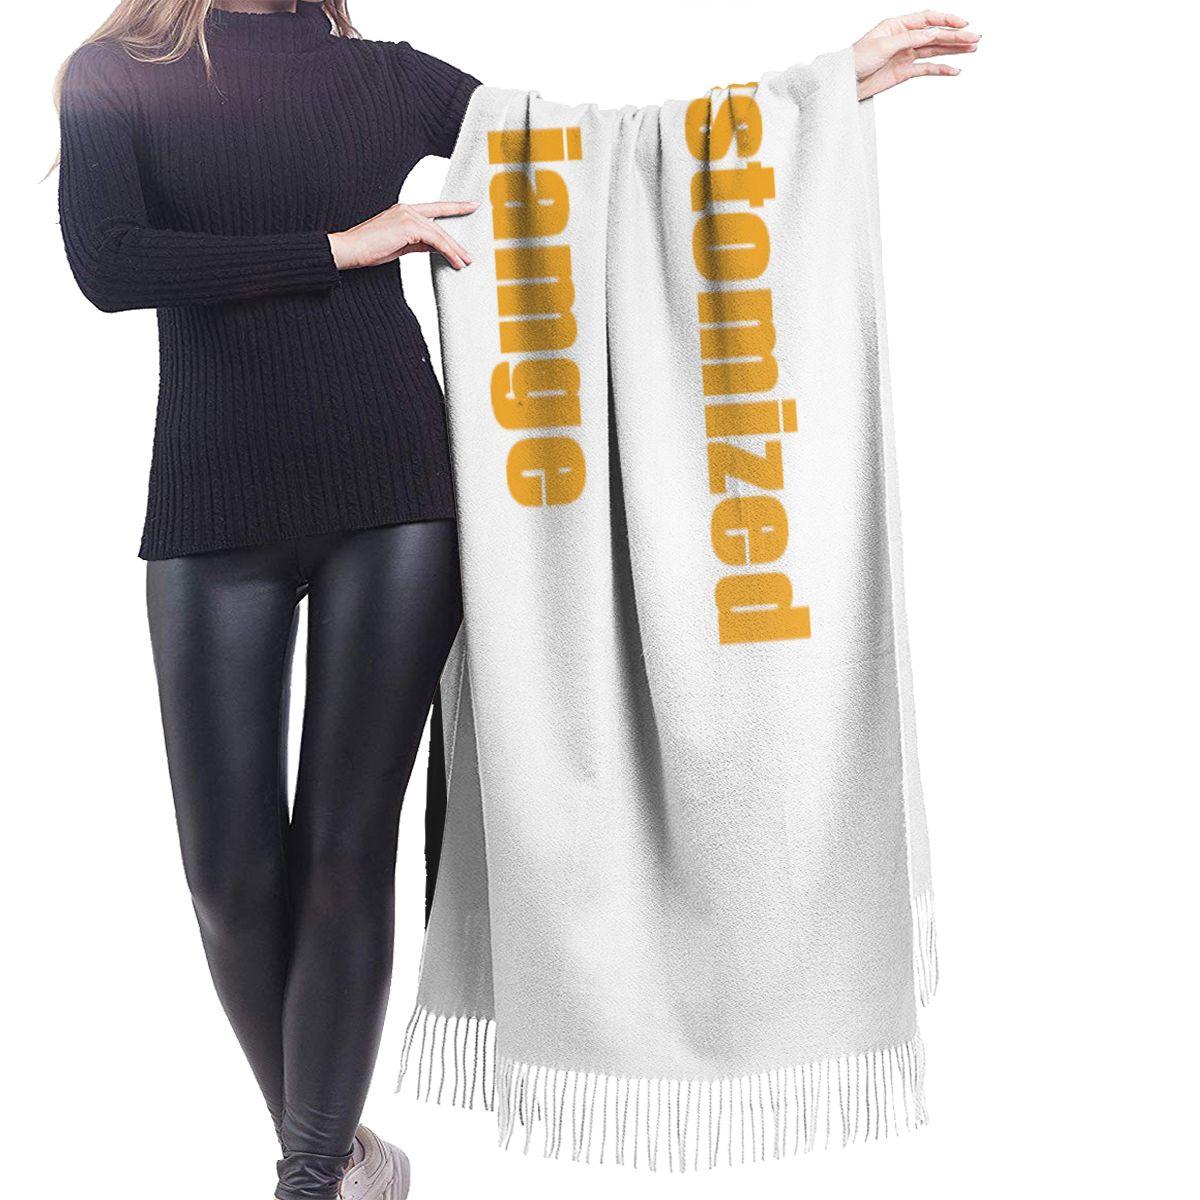 Image 3 - NOISYDESIGNS bufandas de cachemir personalizadas para mujer con borla otoño nuevo suave cálido señora niñas envuelve bufanda larga fina chal femeninoBufandas de mujer   -